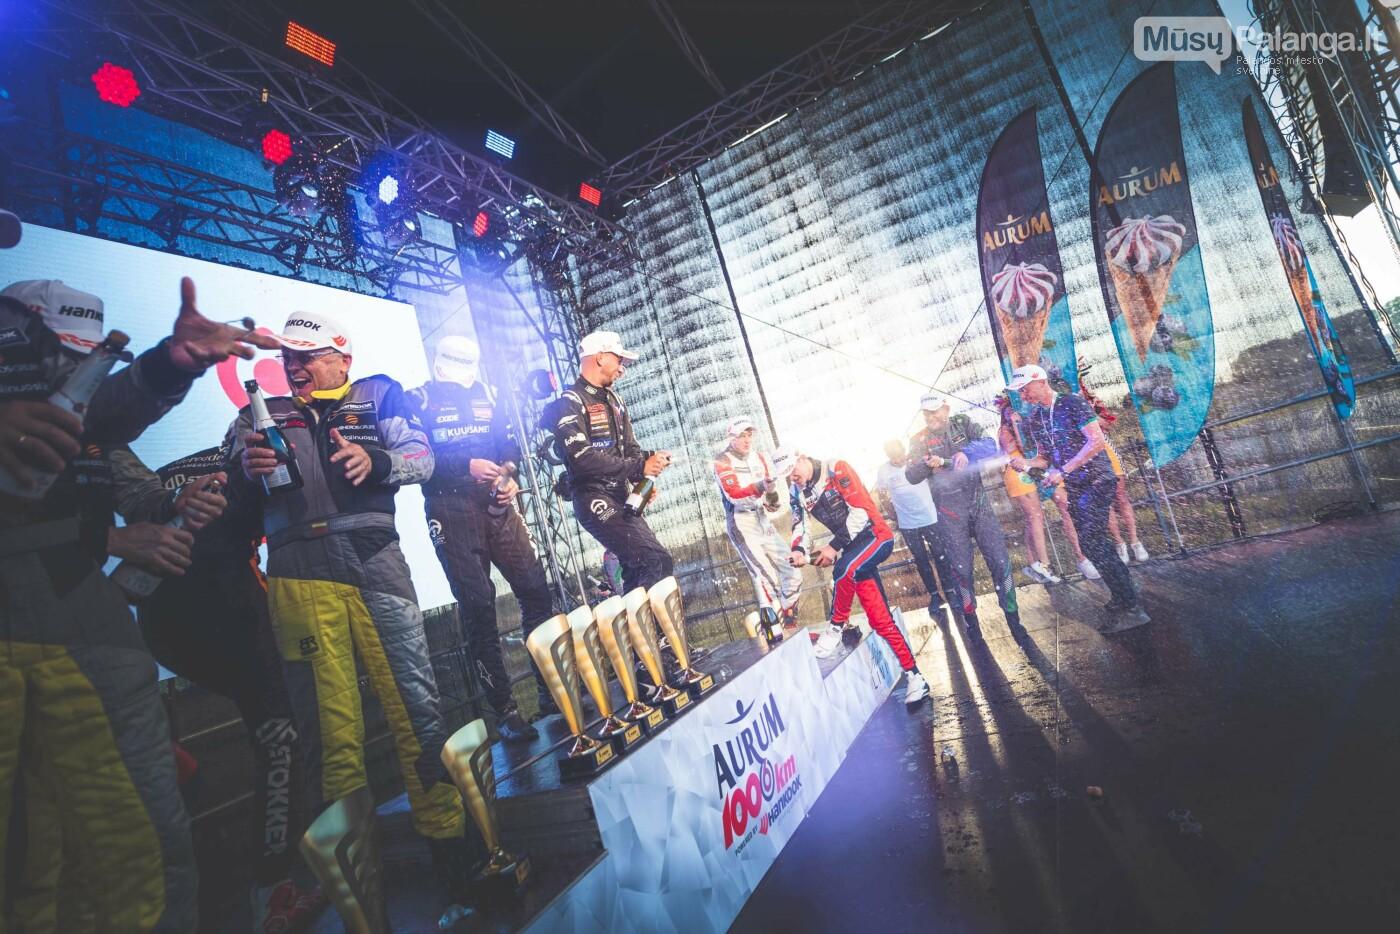 """""""Aurum 1006 km"""" lenktynėse Palangoje – praėjusių metų nugalėtojų triumfas , nuotrauka-26, Vytauto PILKAUSKO ir Arno STRUMILOS nuotr."""